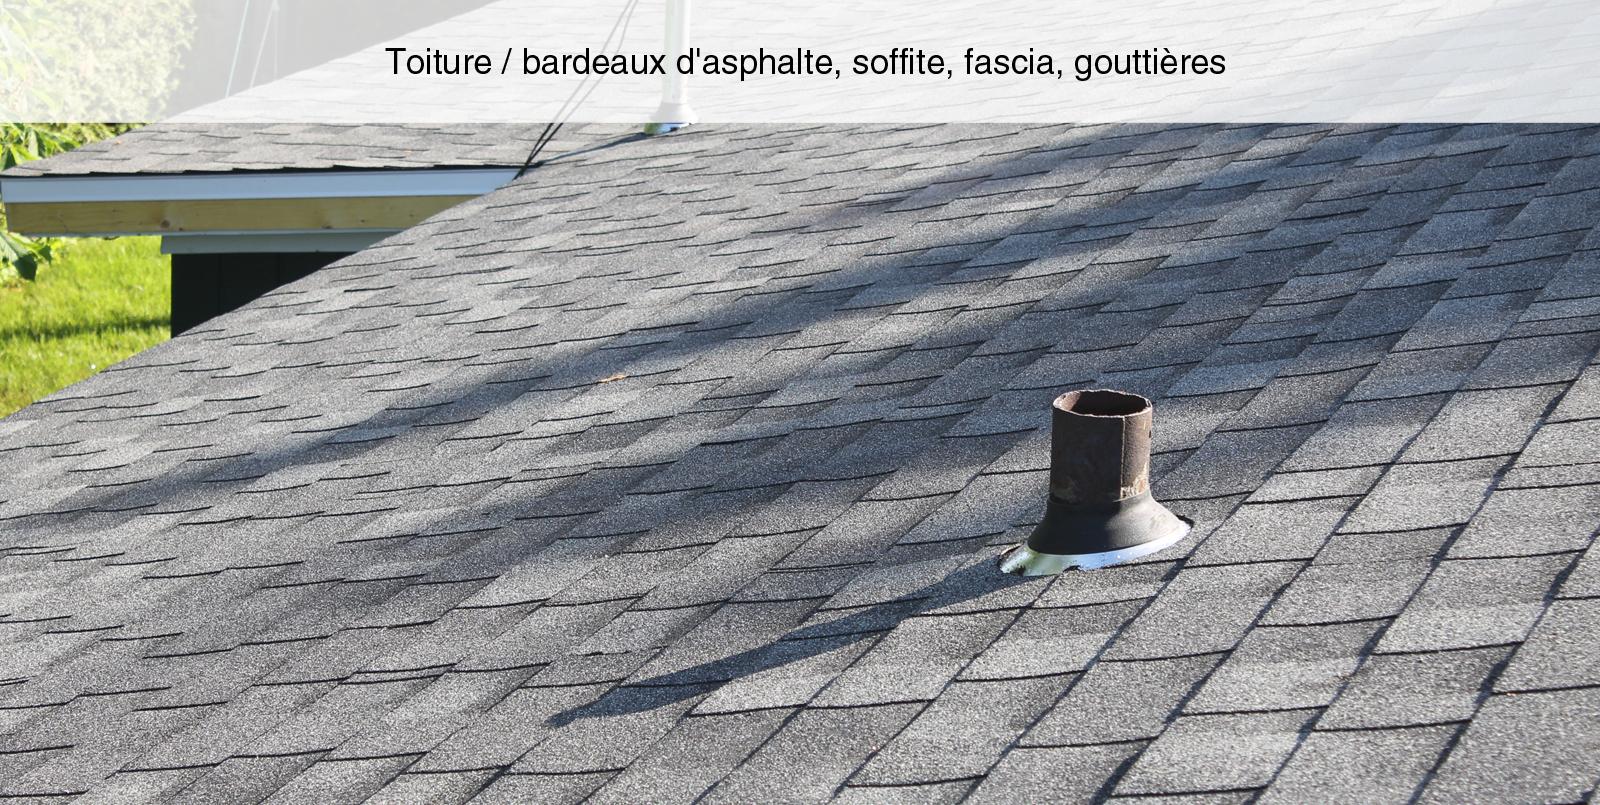 58-1-PANACHE-CONSTRUCTION-RENOVATION-TOITURE-BARDEAUX-ASPHALTE